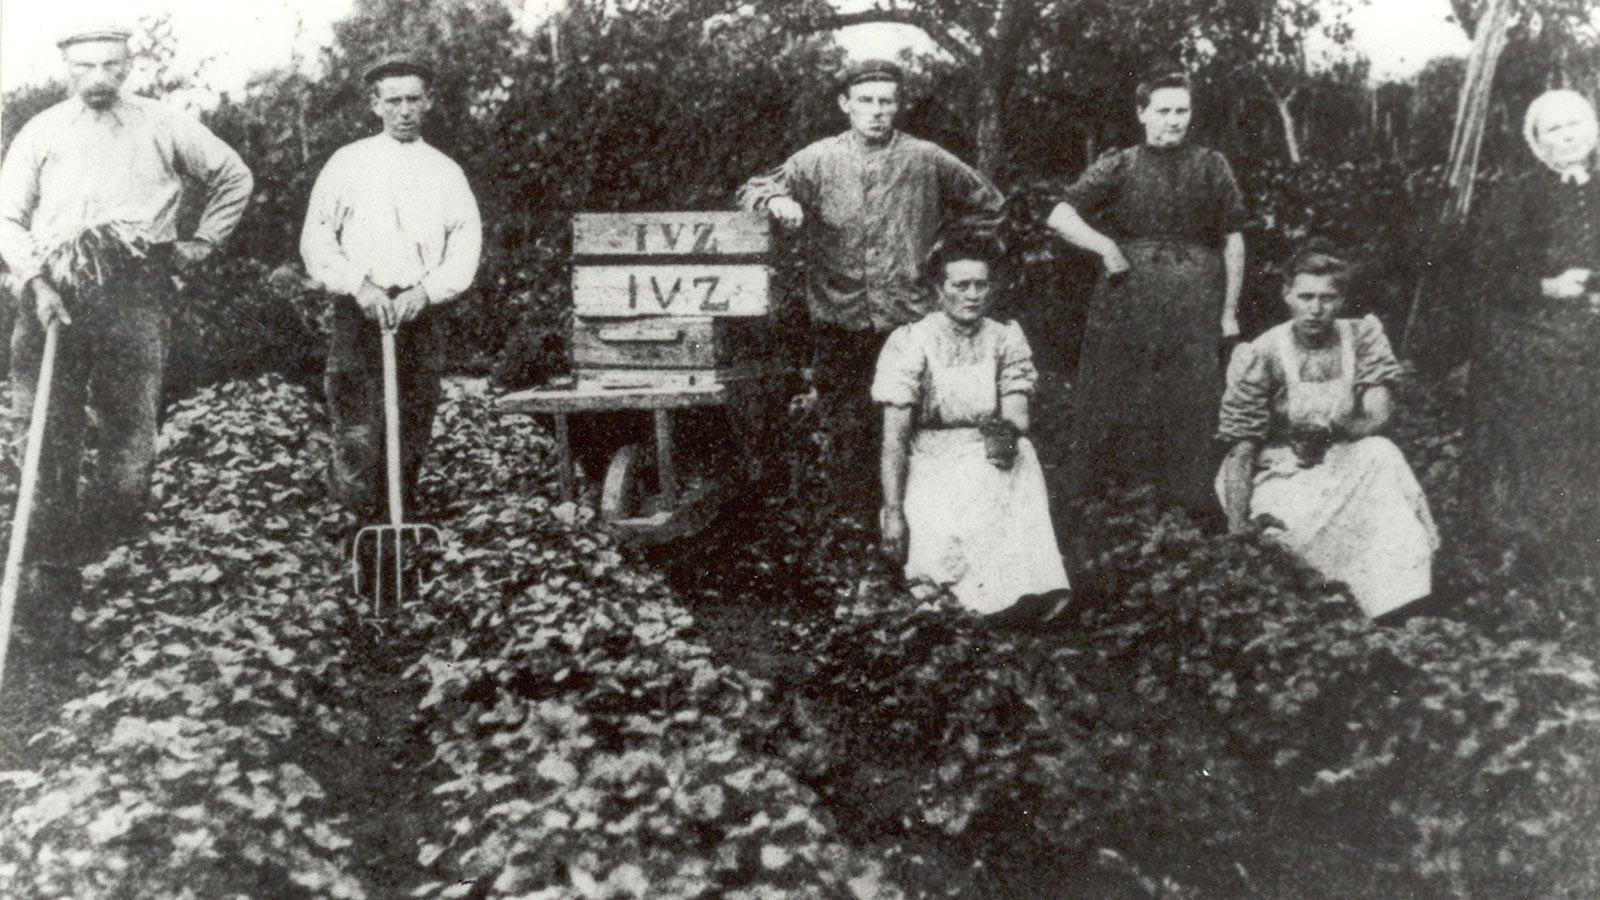 Aardbeienplukkers van de Fa. I. van Zijverden - Historische Tuin Aalsmeer - Een levend museum